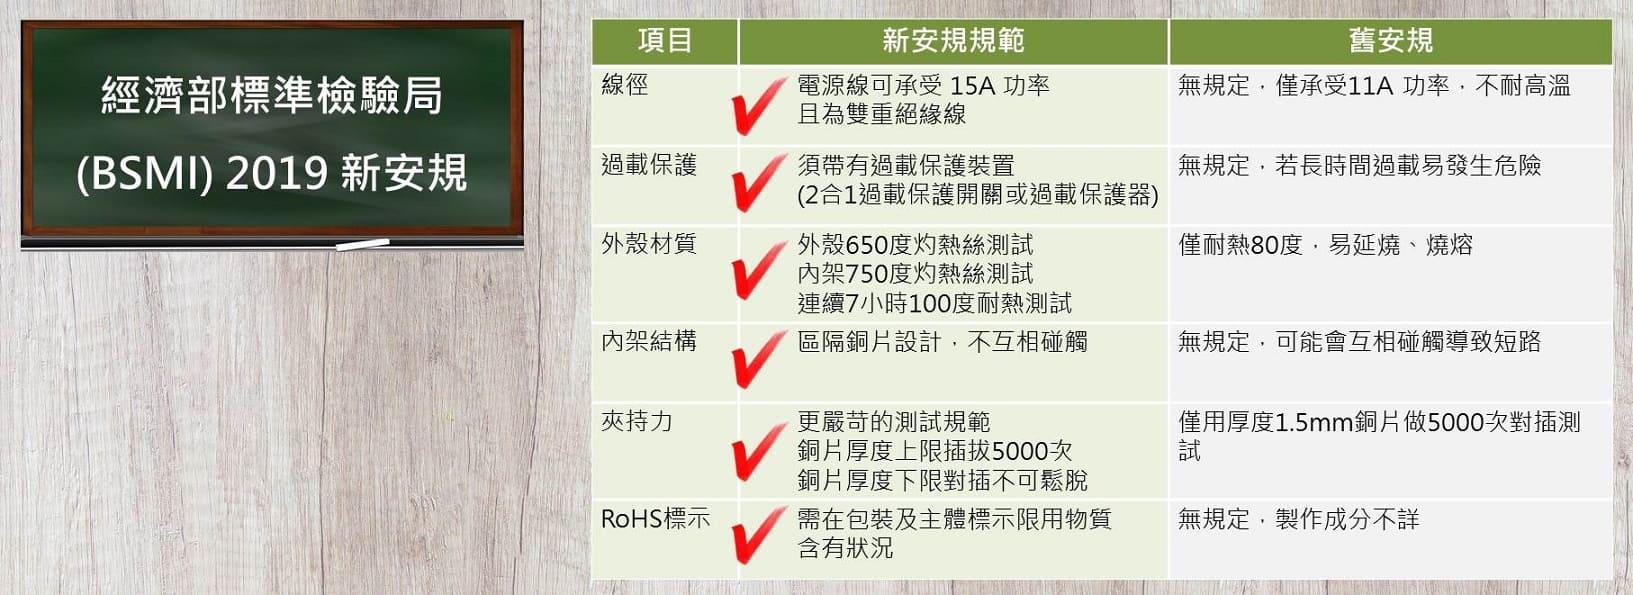 延長線2019新安規